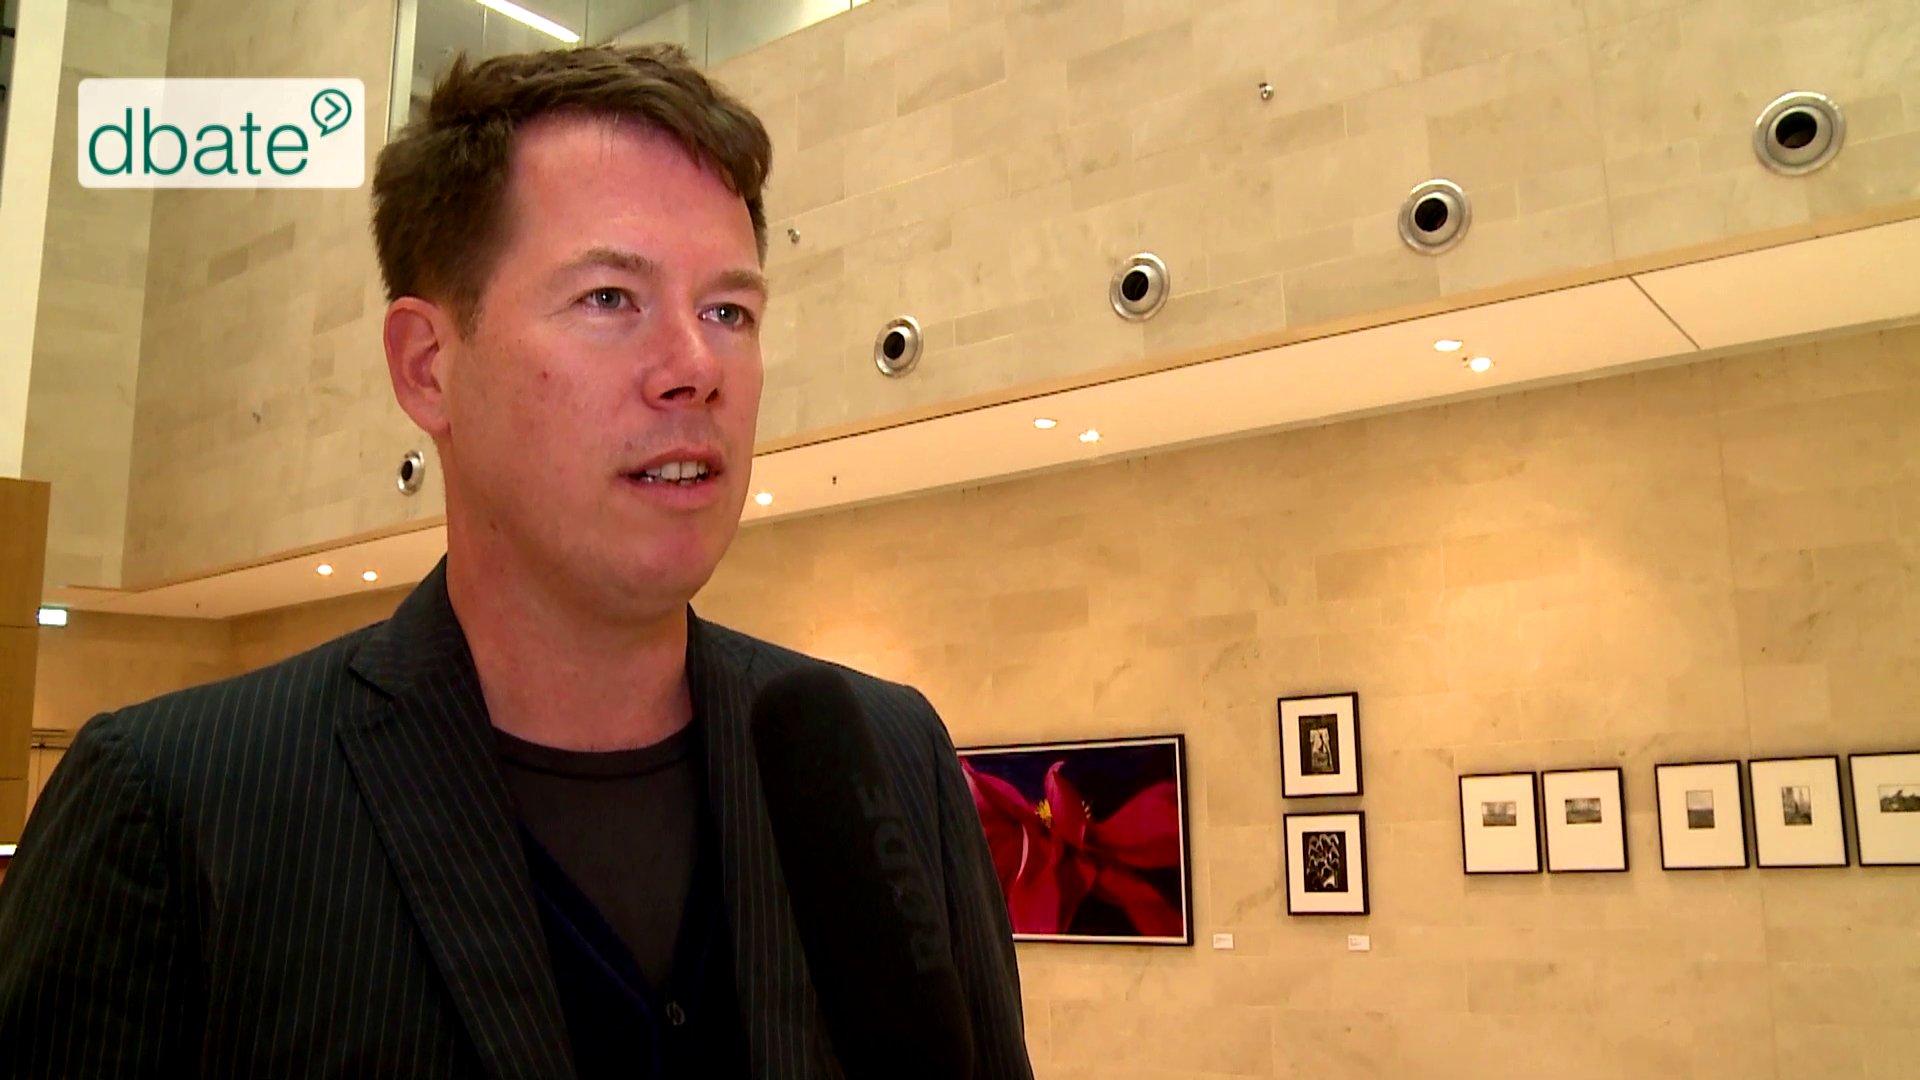 Alexander von Streit im Interview mit dbate über Community-Journallismus und US-Medien.